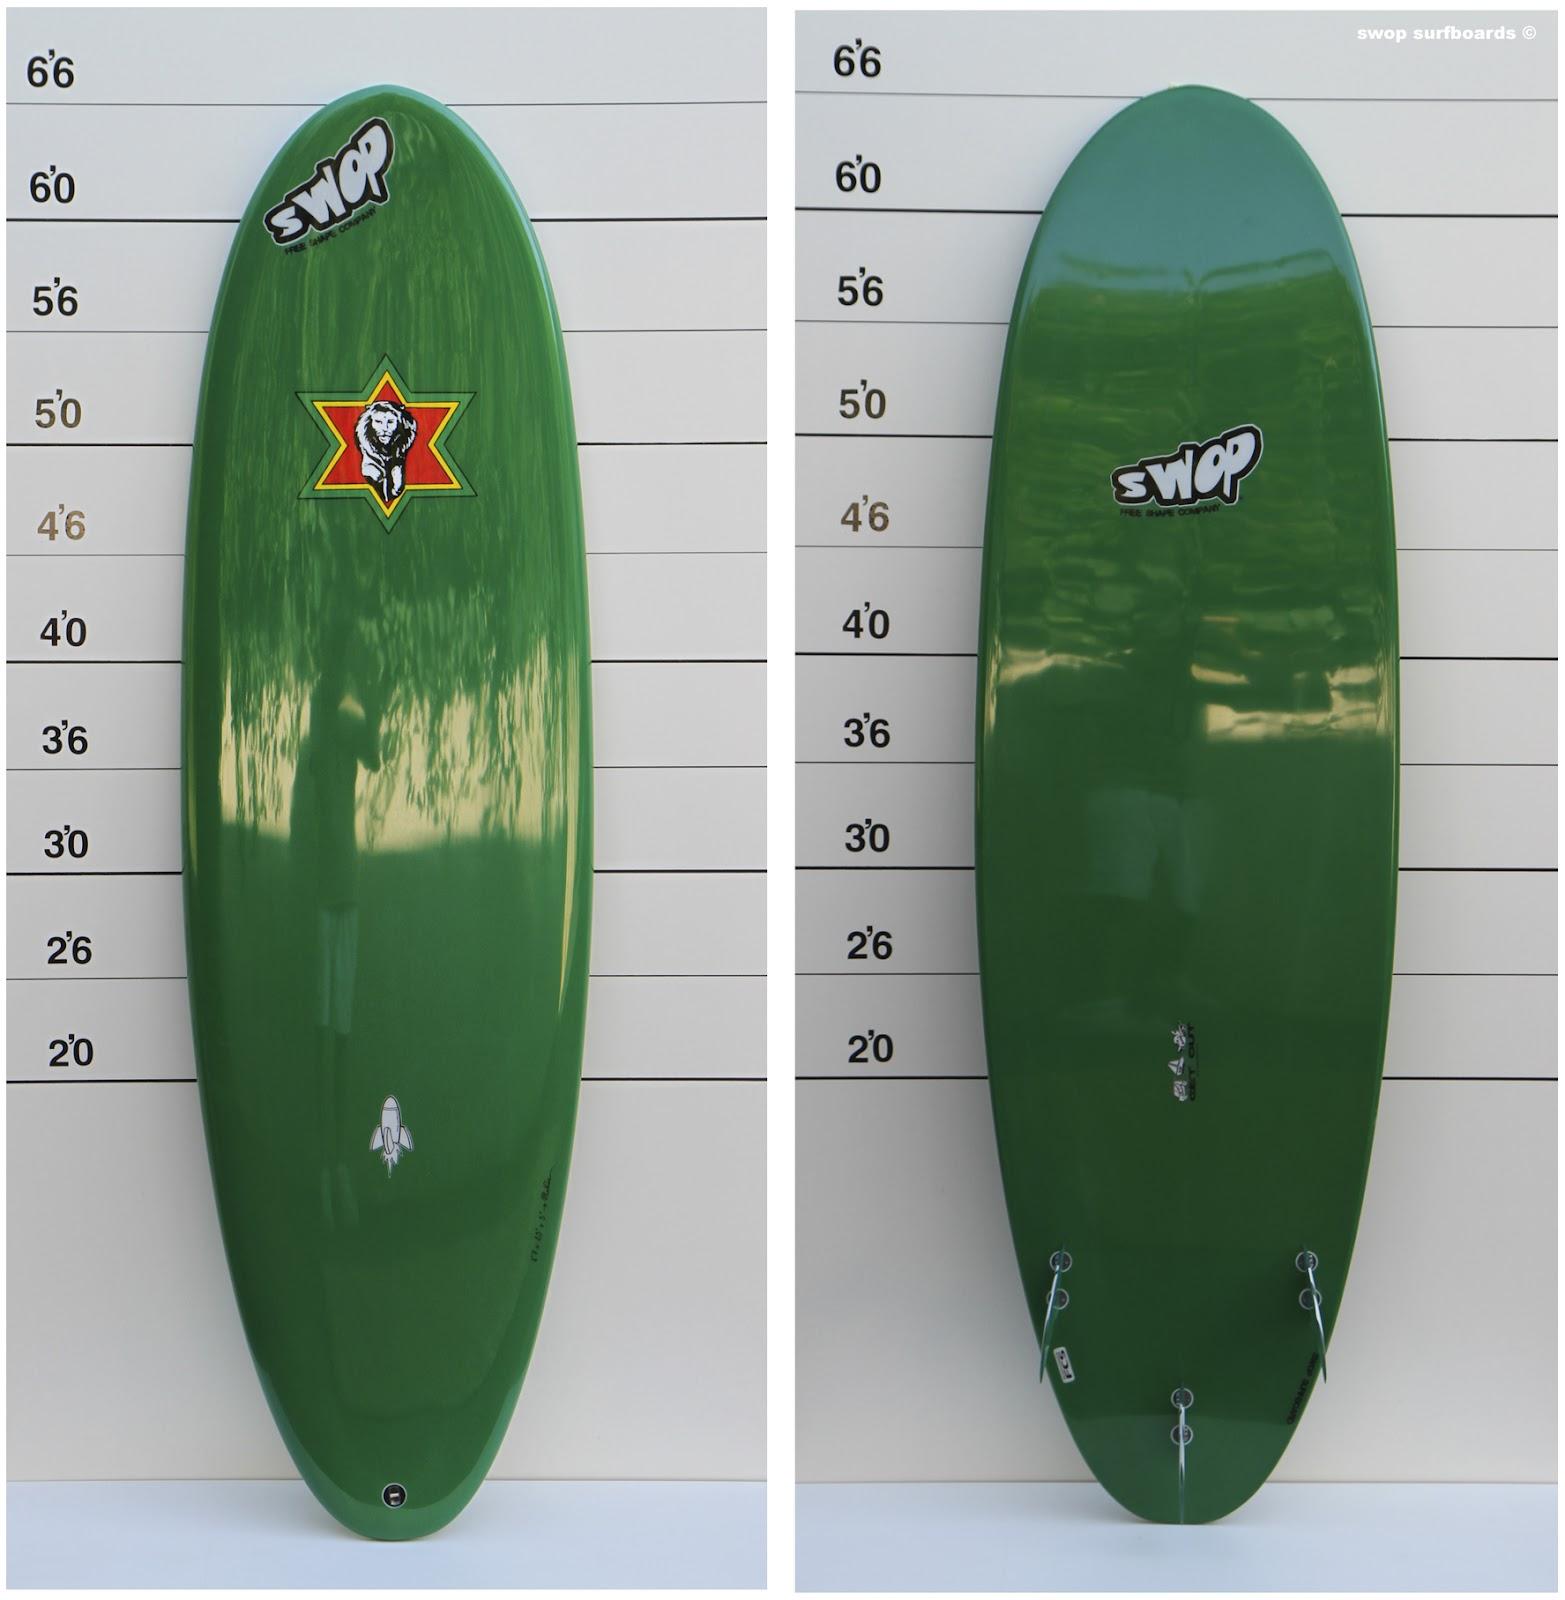 swop surfboards green egg. Black Bedroom Furniture Sets. Home Design Ideas